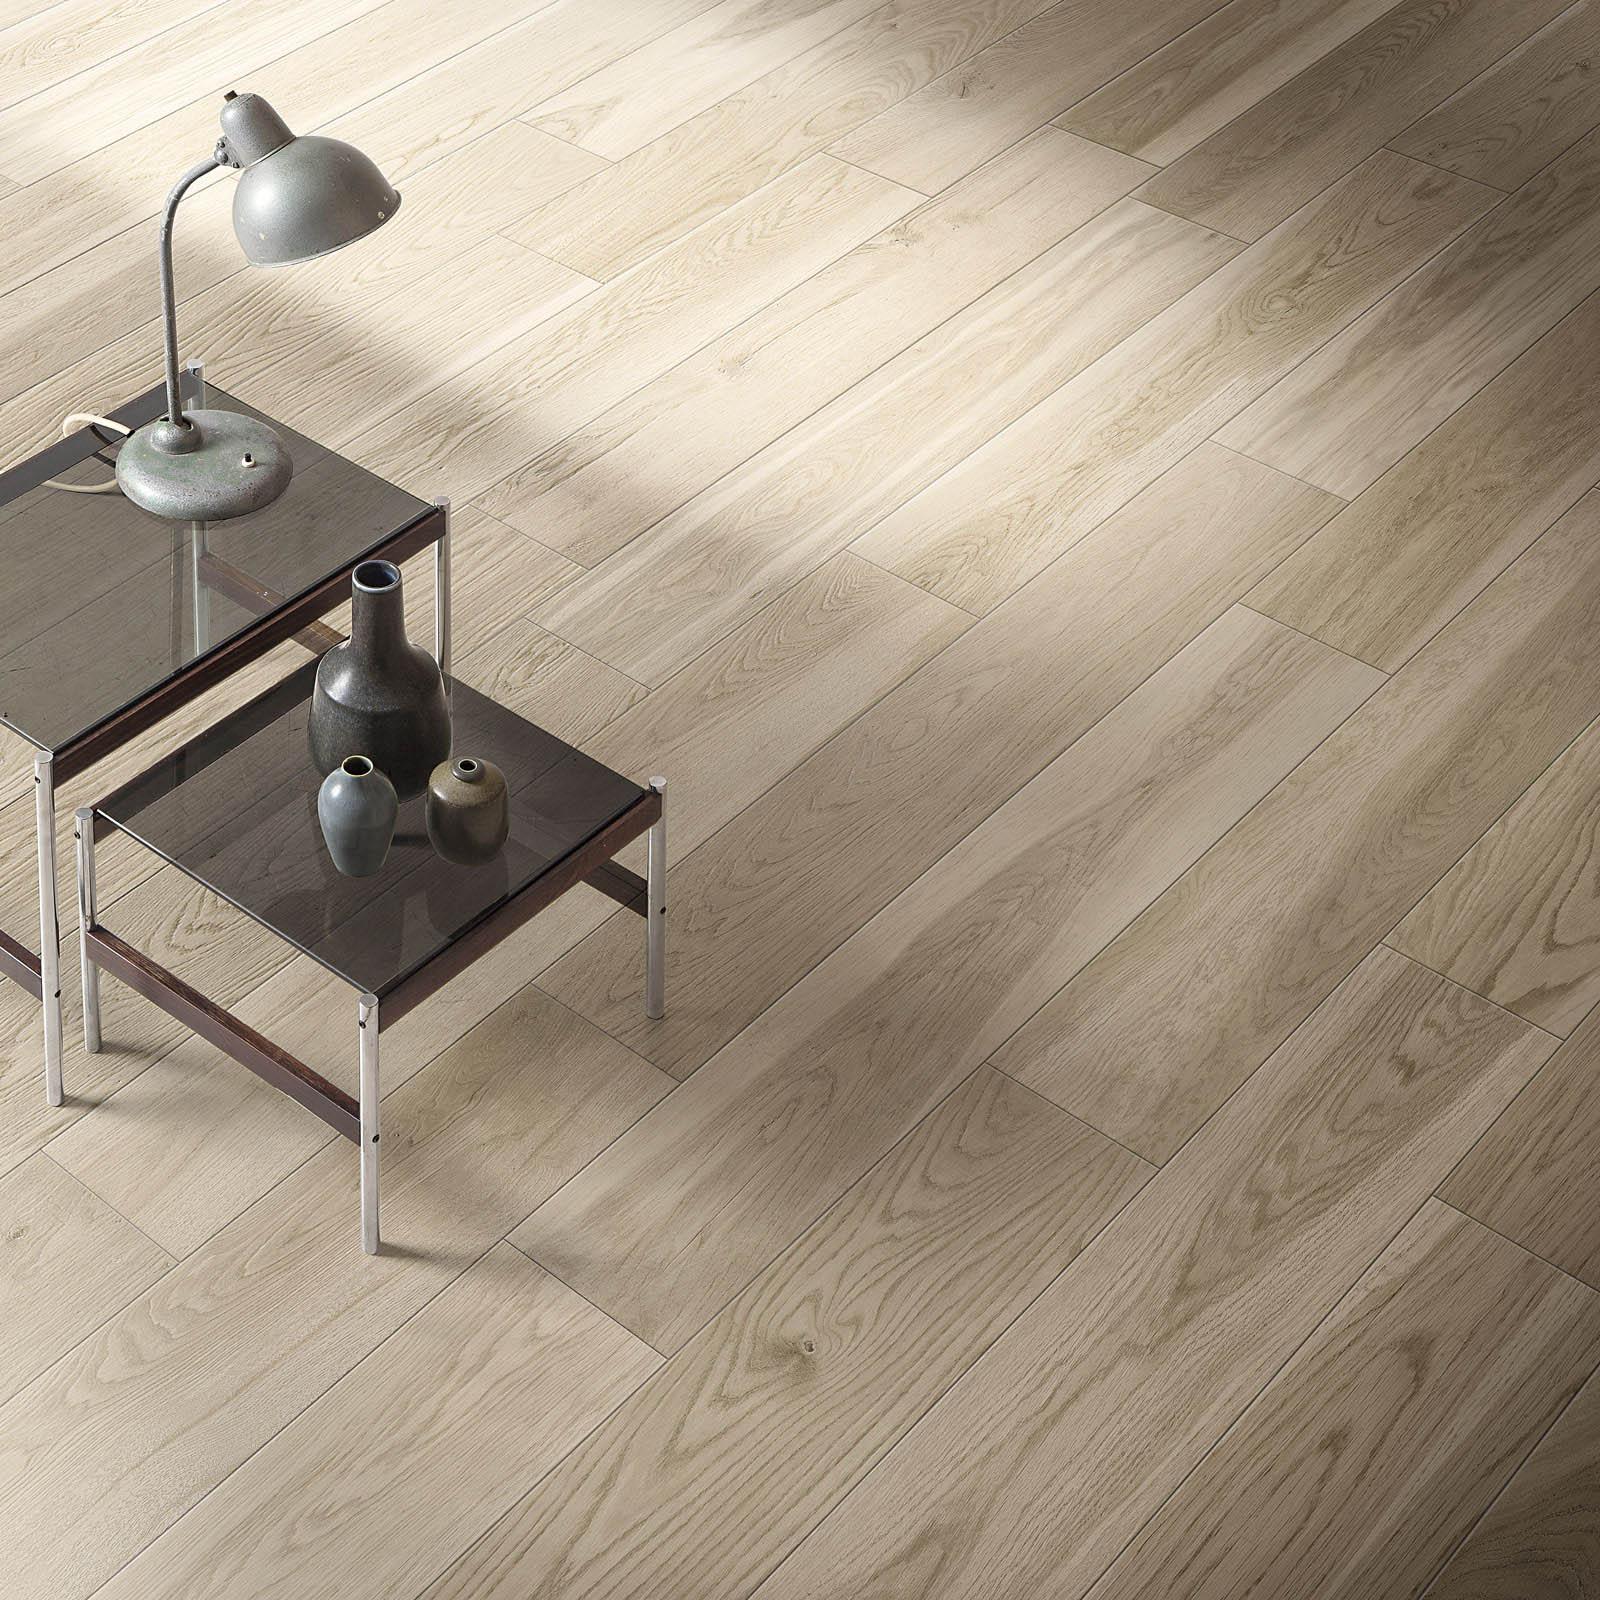 Treverkmore gres effetto legno interno e esterno marazzi for Mattonelle gres porcellanato lucido